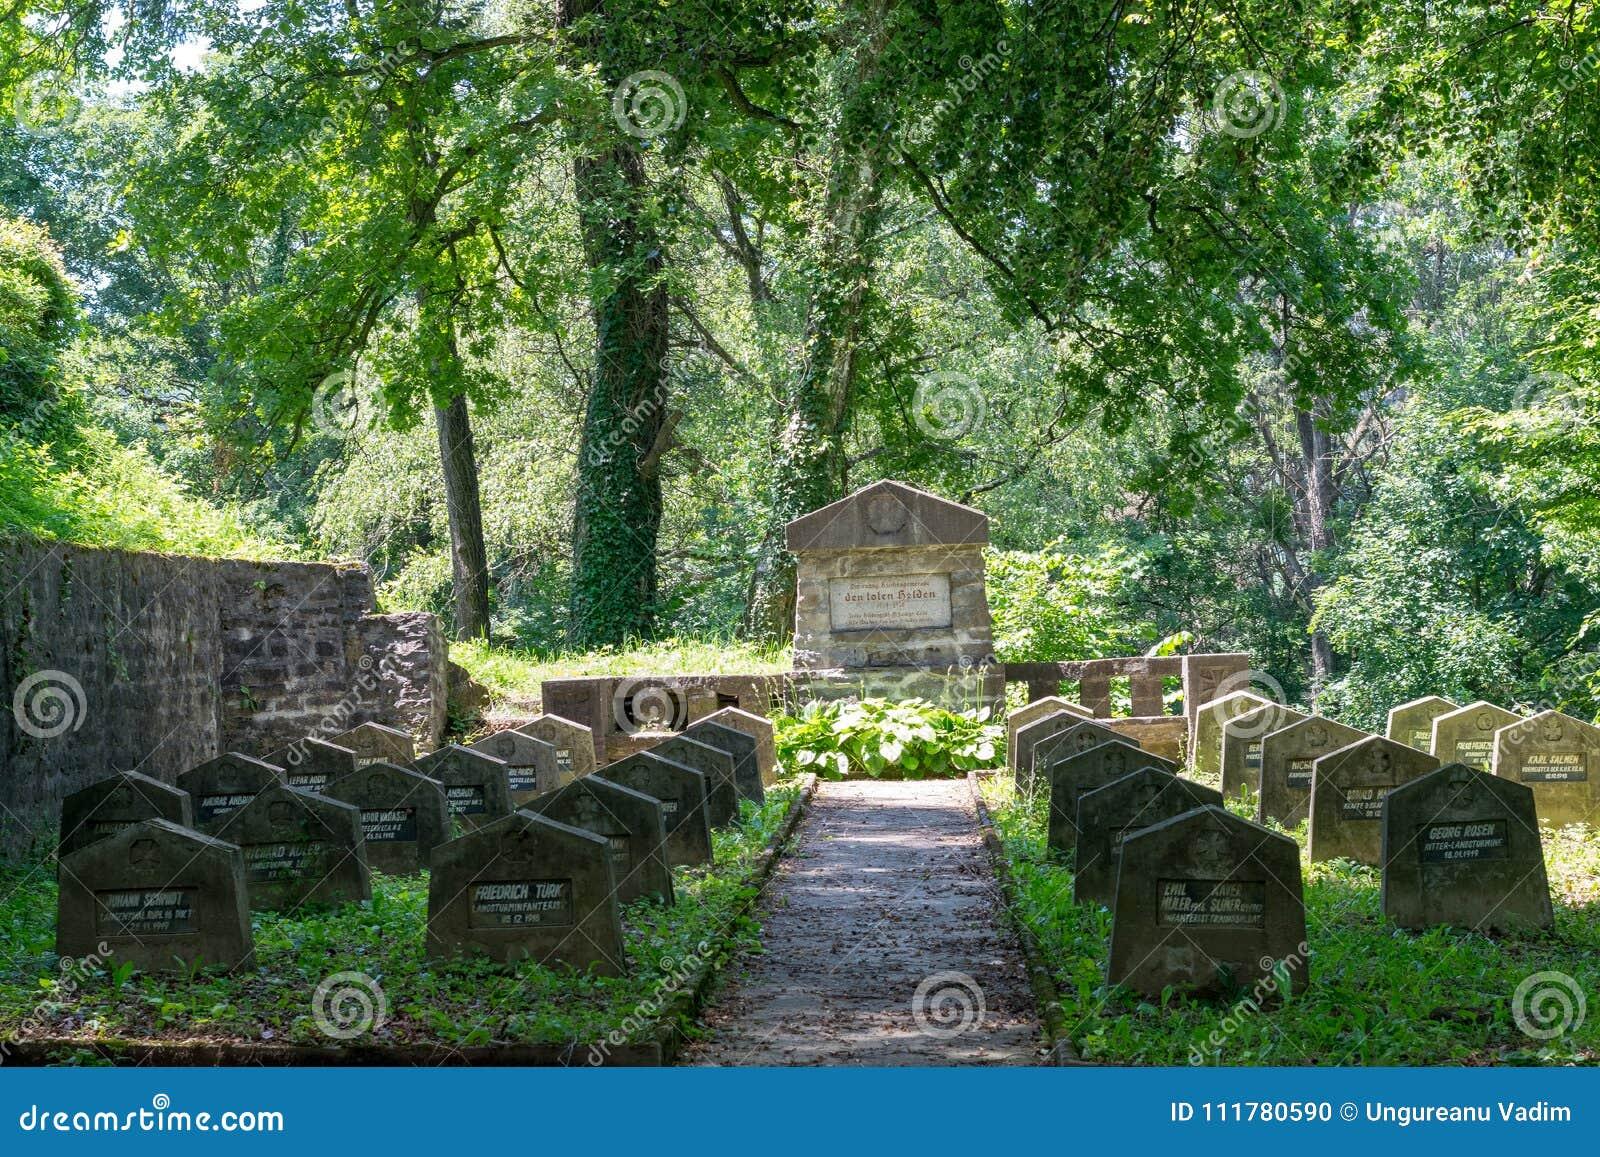 SIGHISOARA, РУМЫНИЯ - 1-ОЕ ИЮЛЯ 2016: Кладбище WWI, около кладбища Saxon, расположенного рядом с церковью на холме в Sighisoara,